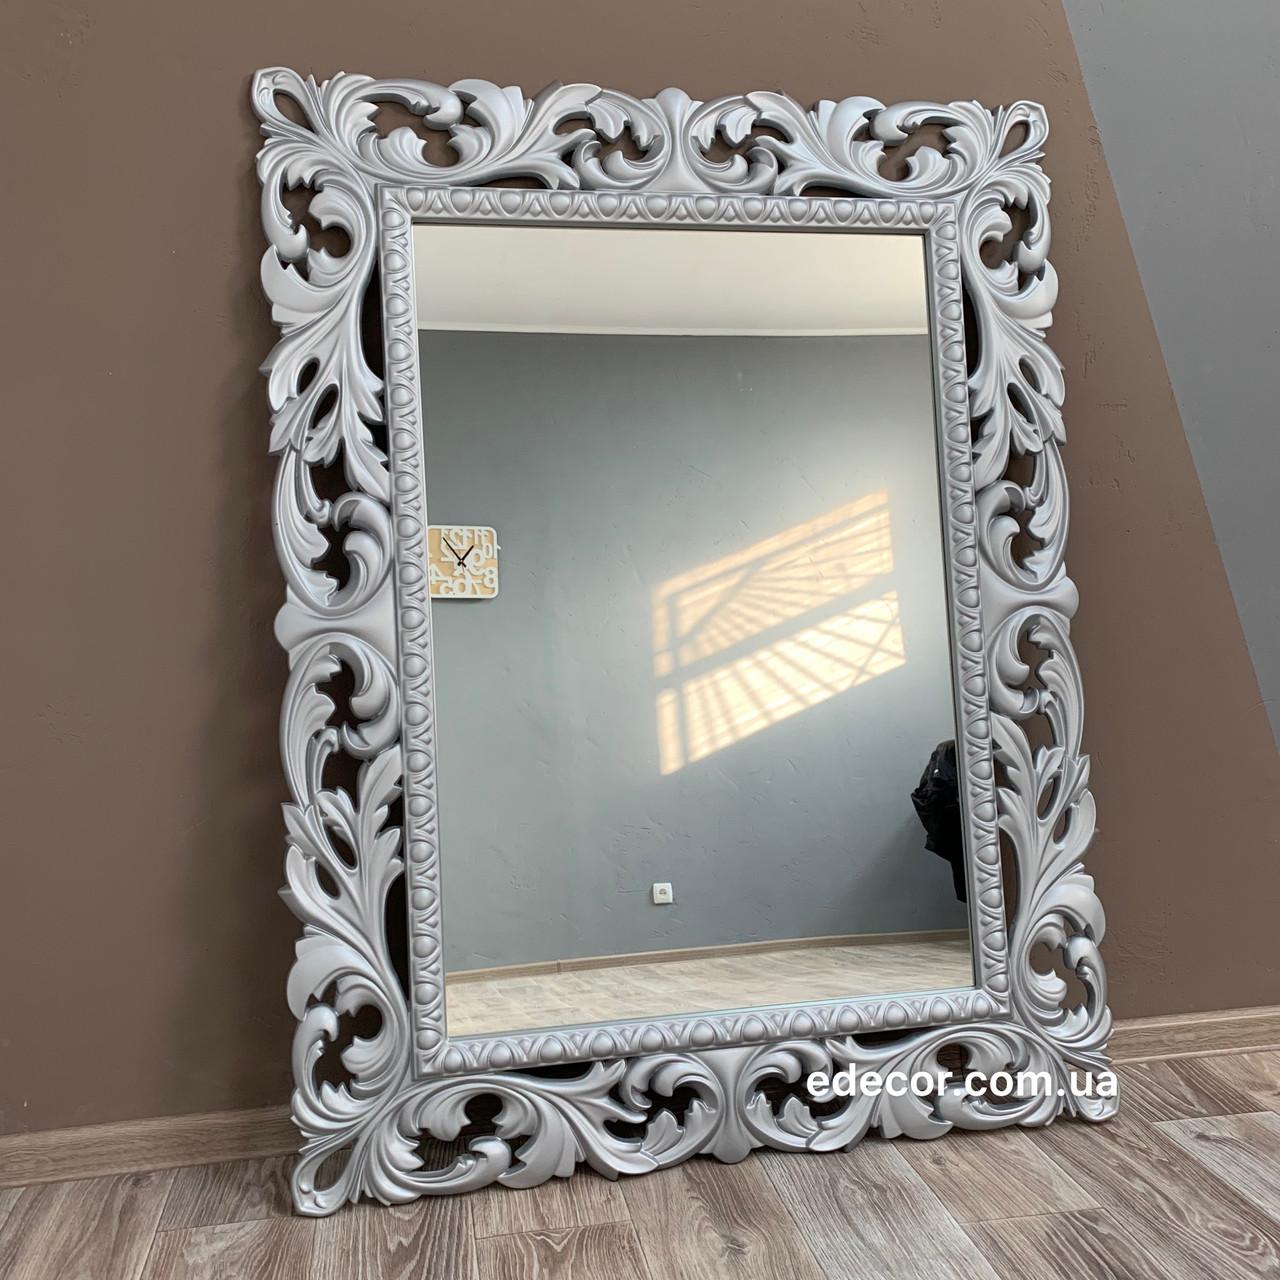 Зеркало настенное в раме серебряного цвета Dodoma